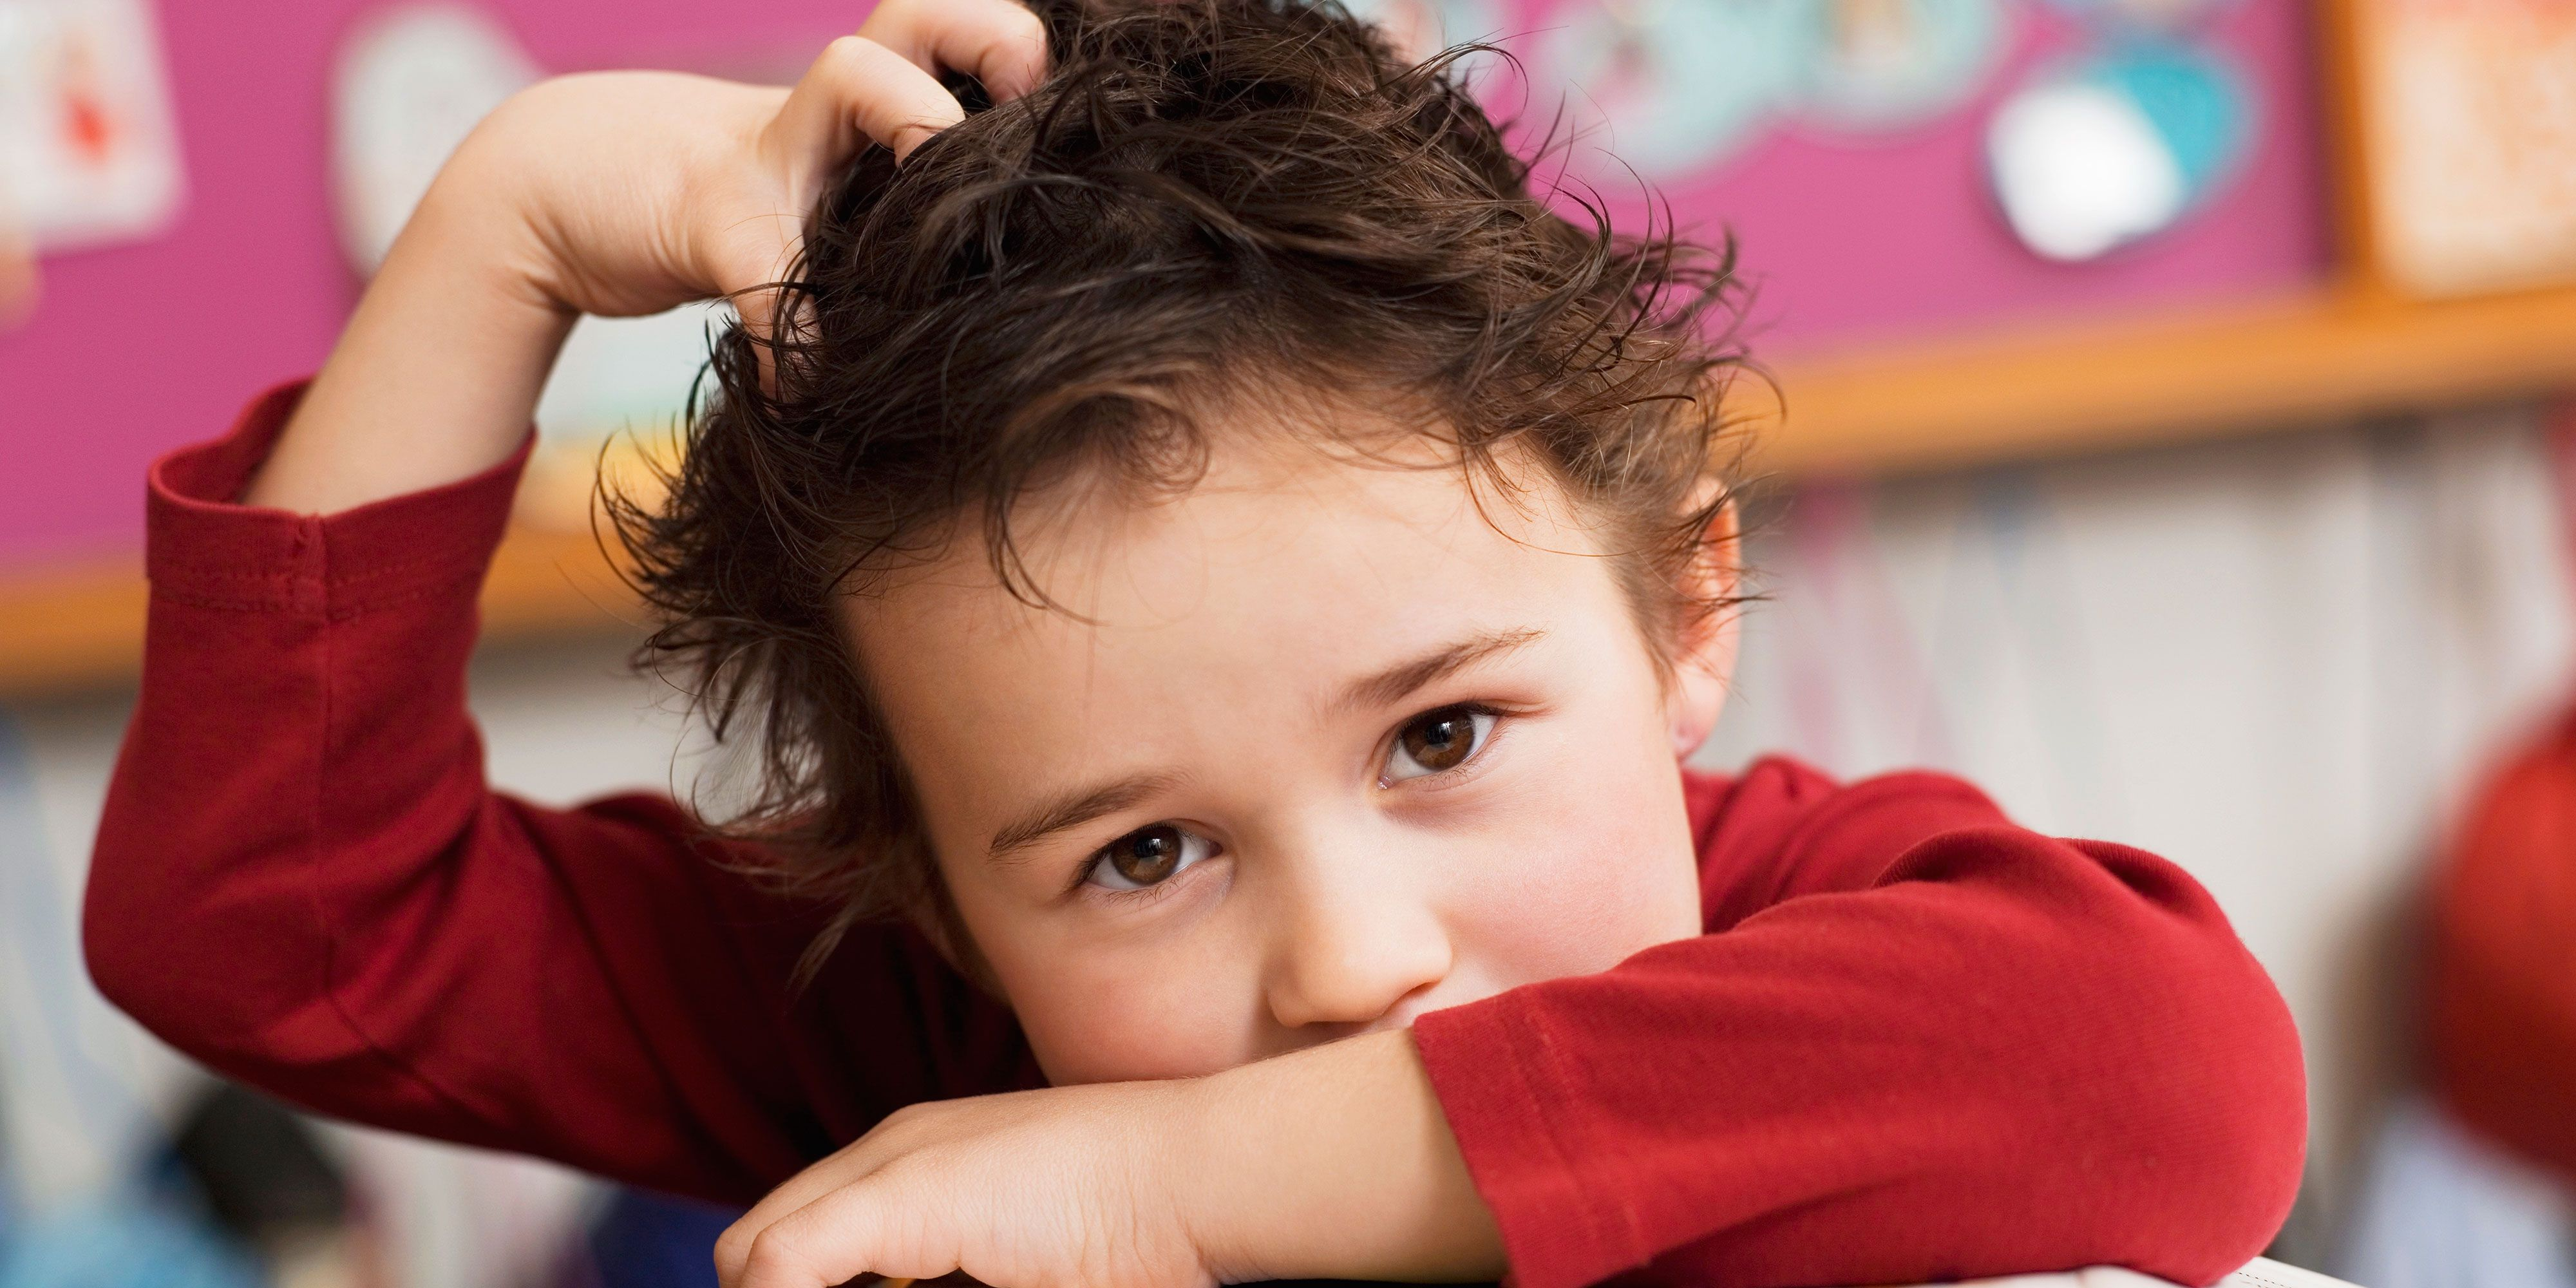 Картинки по запросу danger of head lice